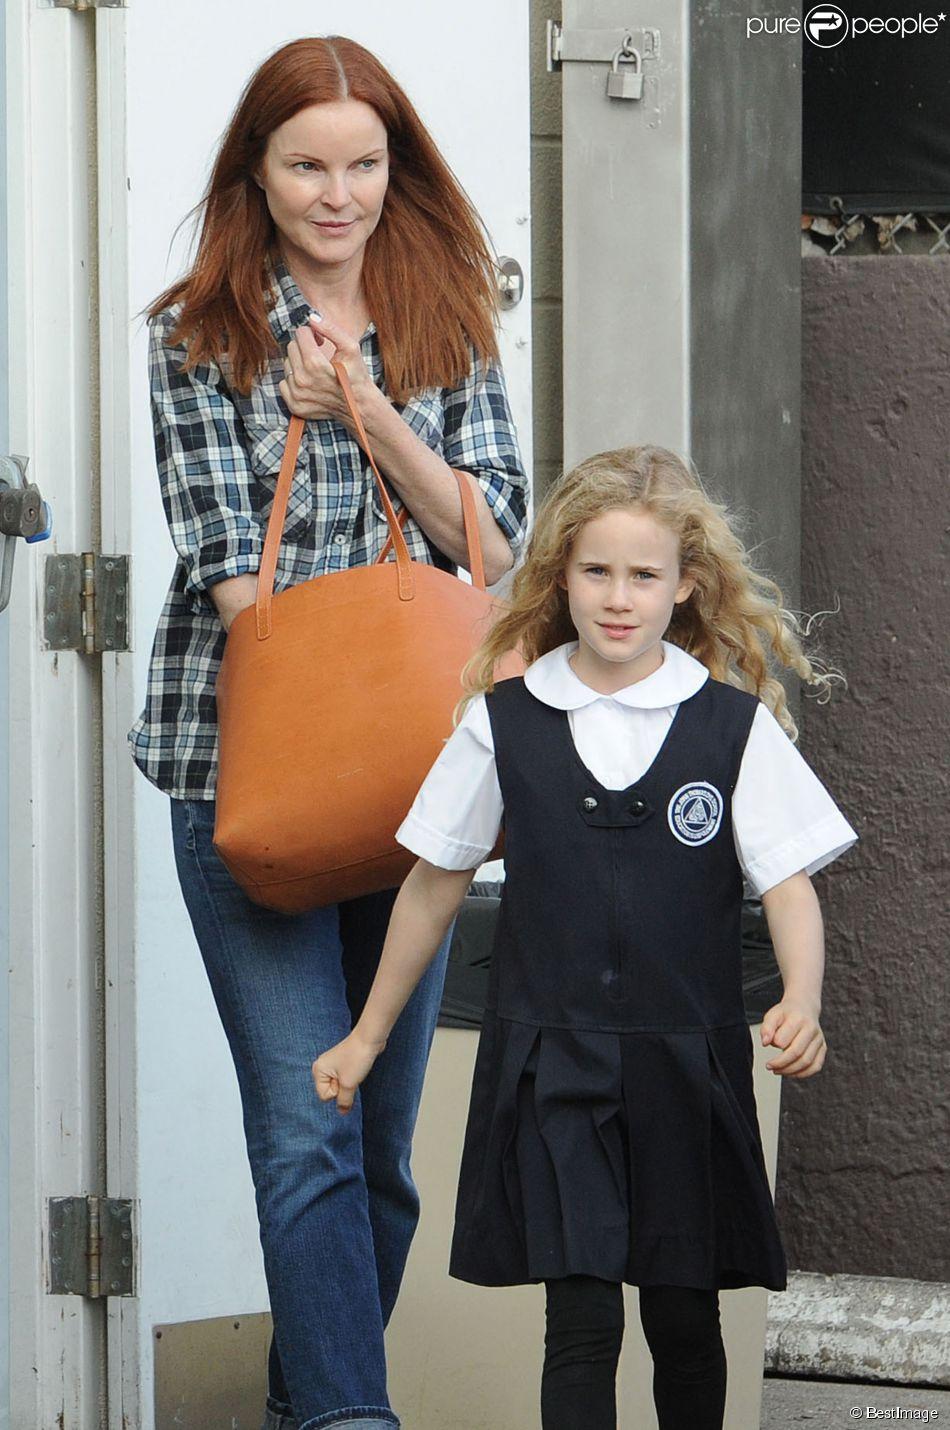 Exclusif - Marcia Cross et sa fille Eden Mahoney vont acheter une glace à Brentwood, le 11 octobre 2014.